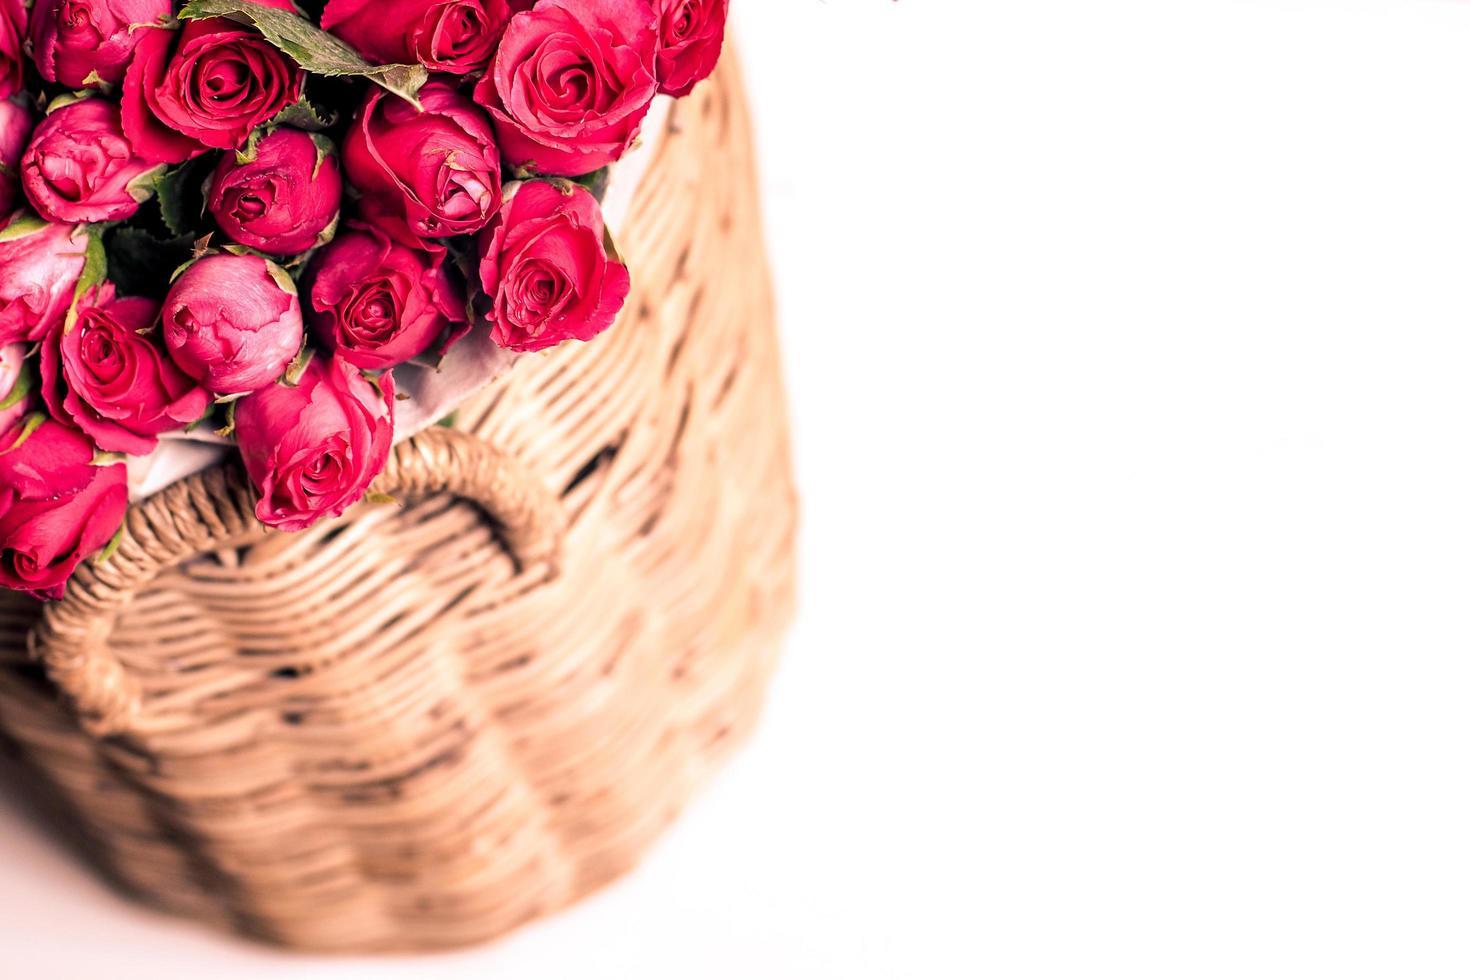 vacker bukett med röda rosor i korgen, isolerad på vit foto